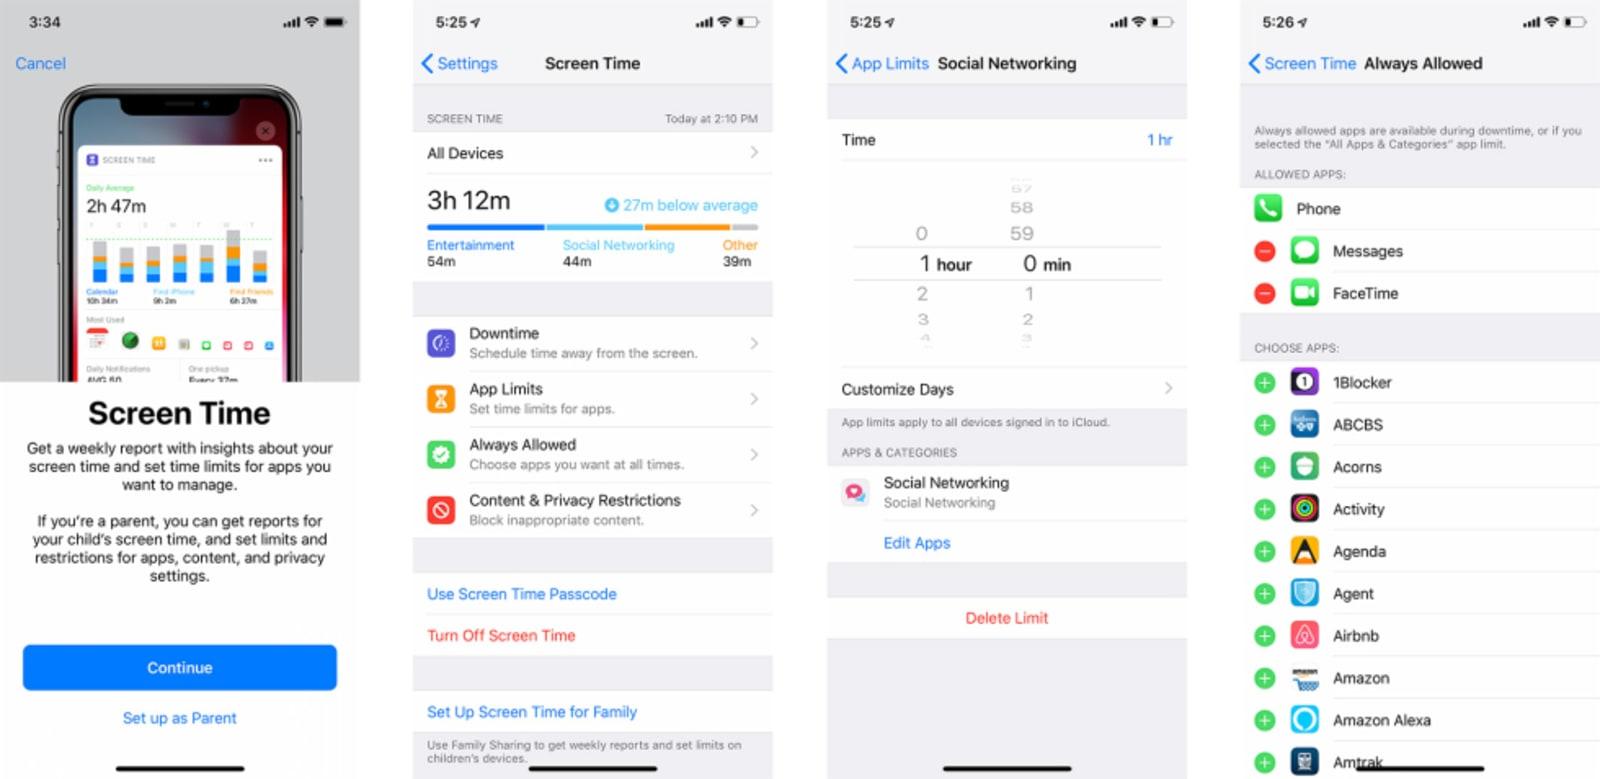 Screen Time in iOS